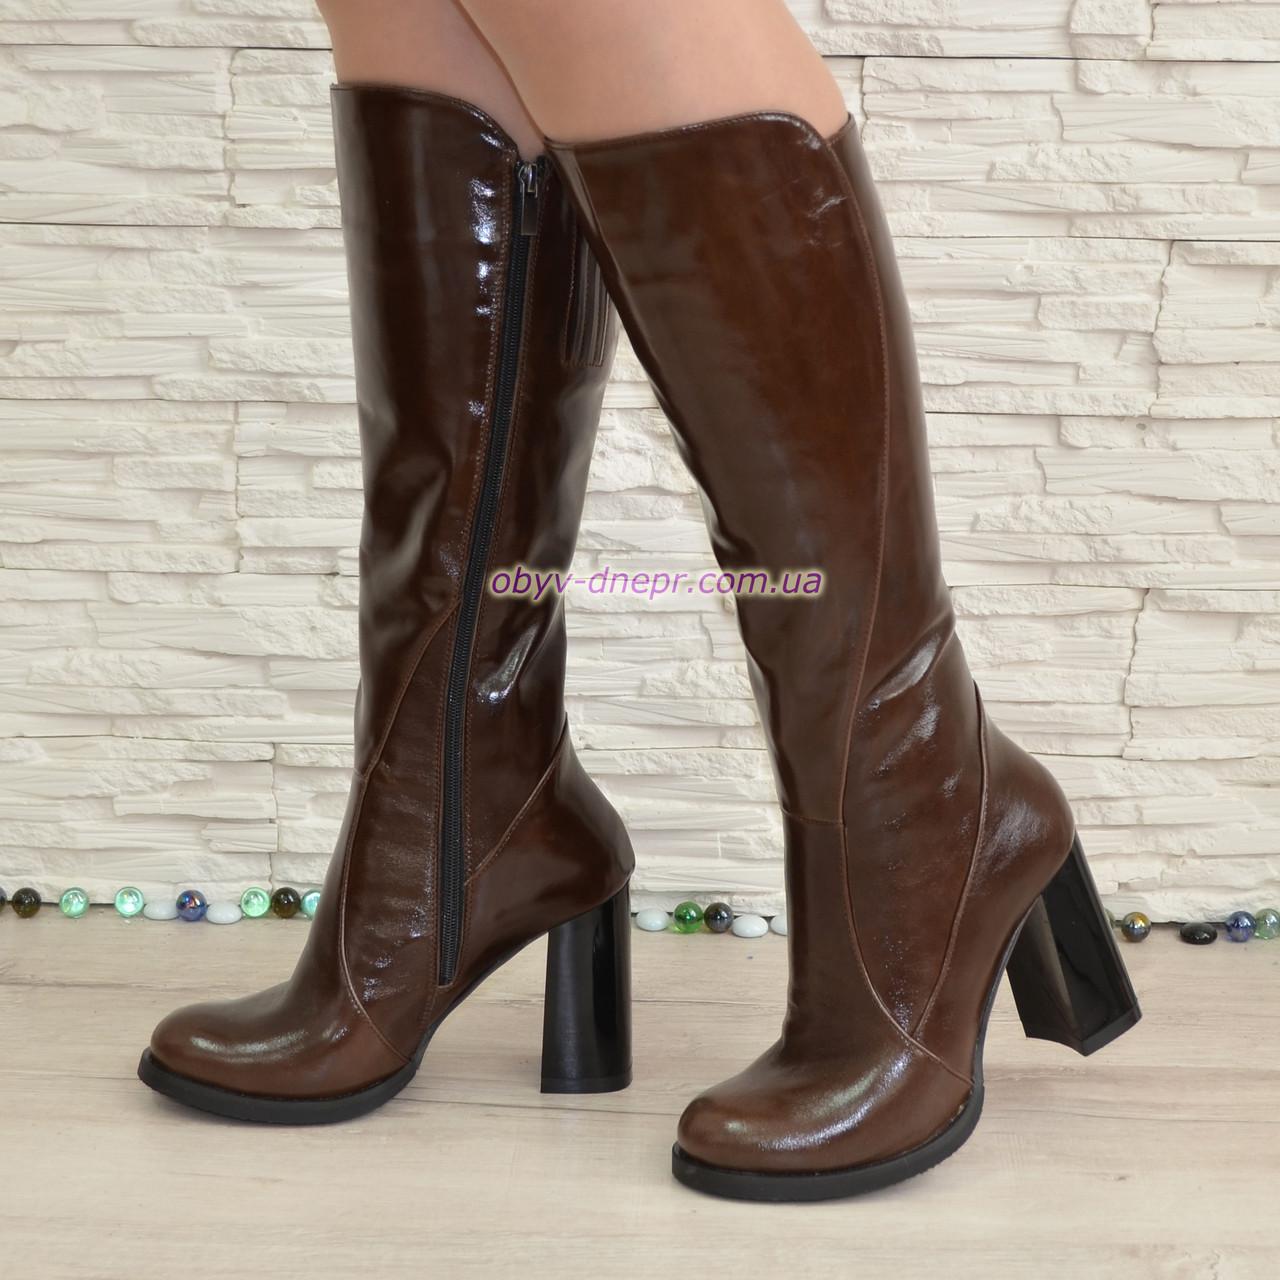 b4250e4b6145 Сапоги женские кожаные демисезонные на высоком устойчивом каблуке, цвет  коричневый.